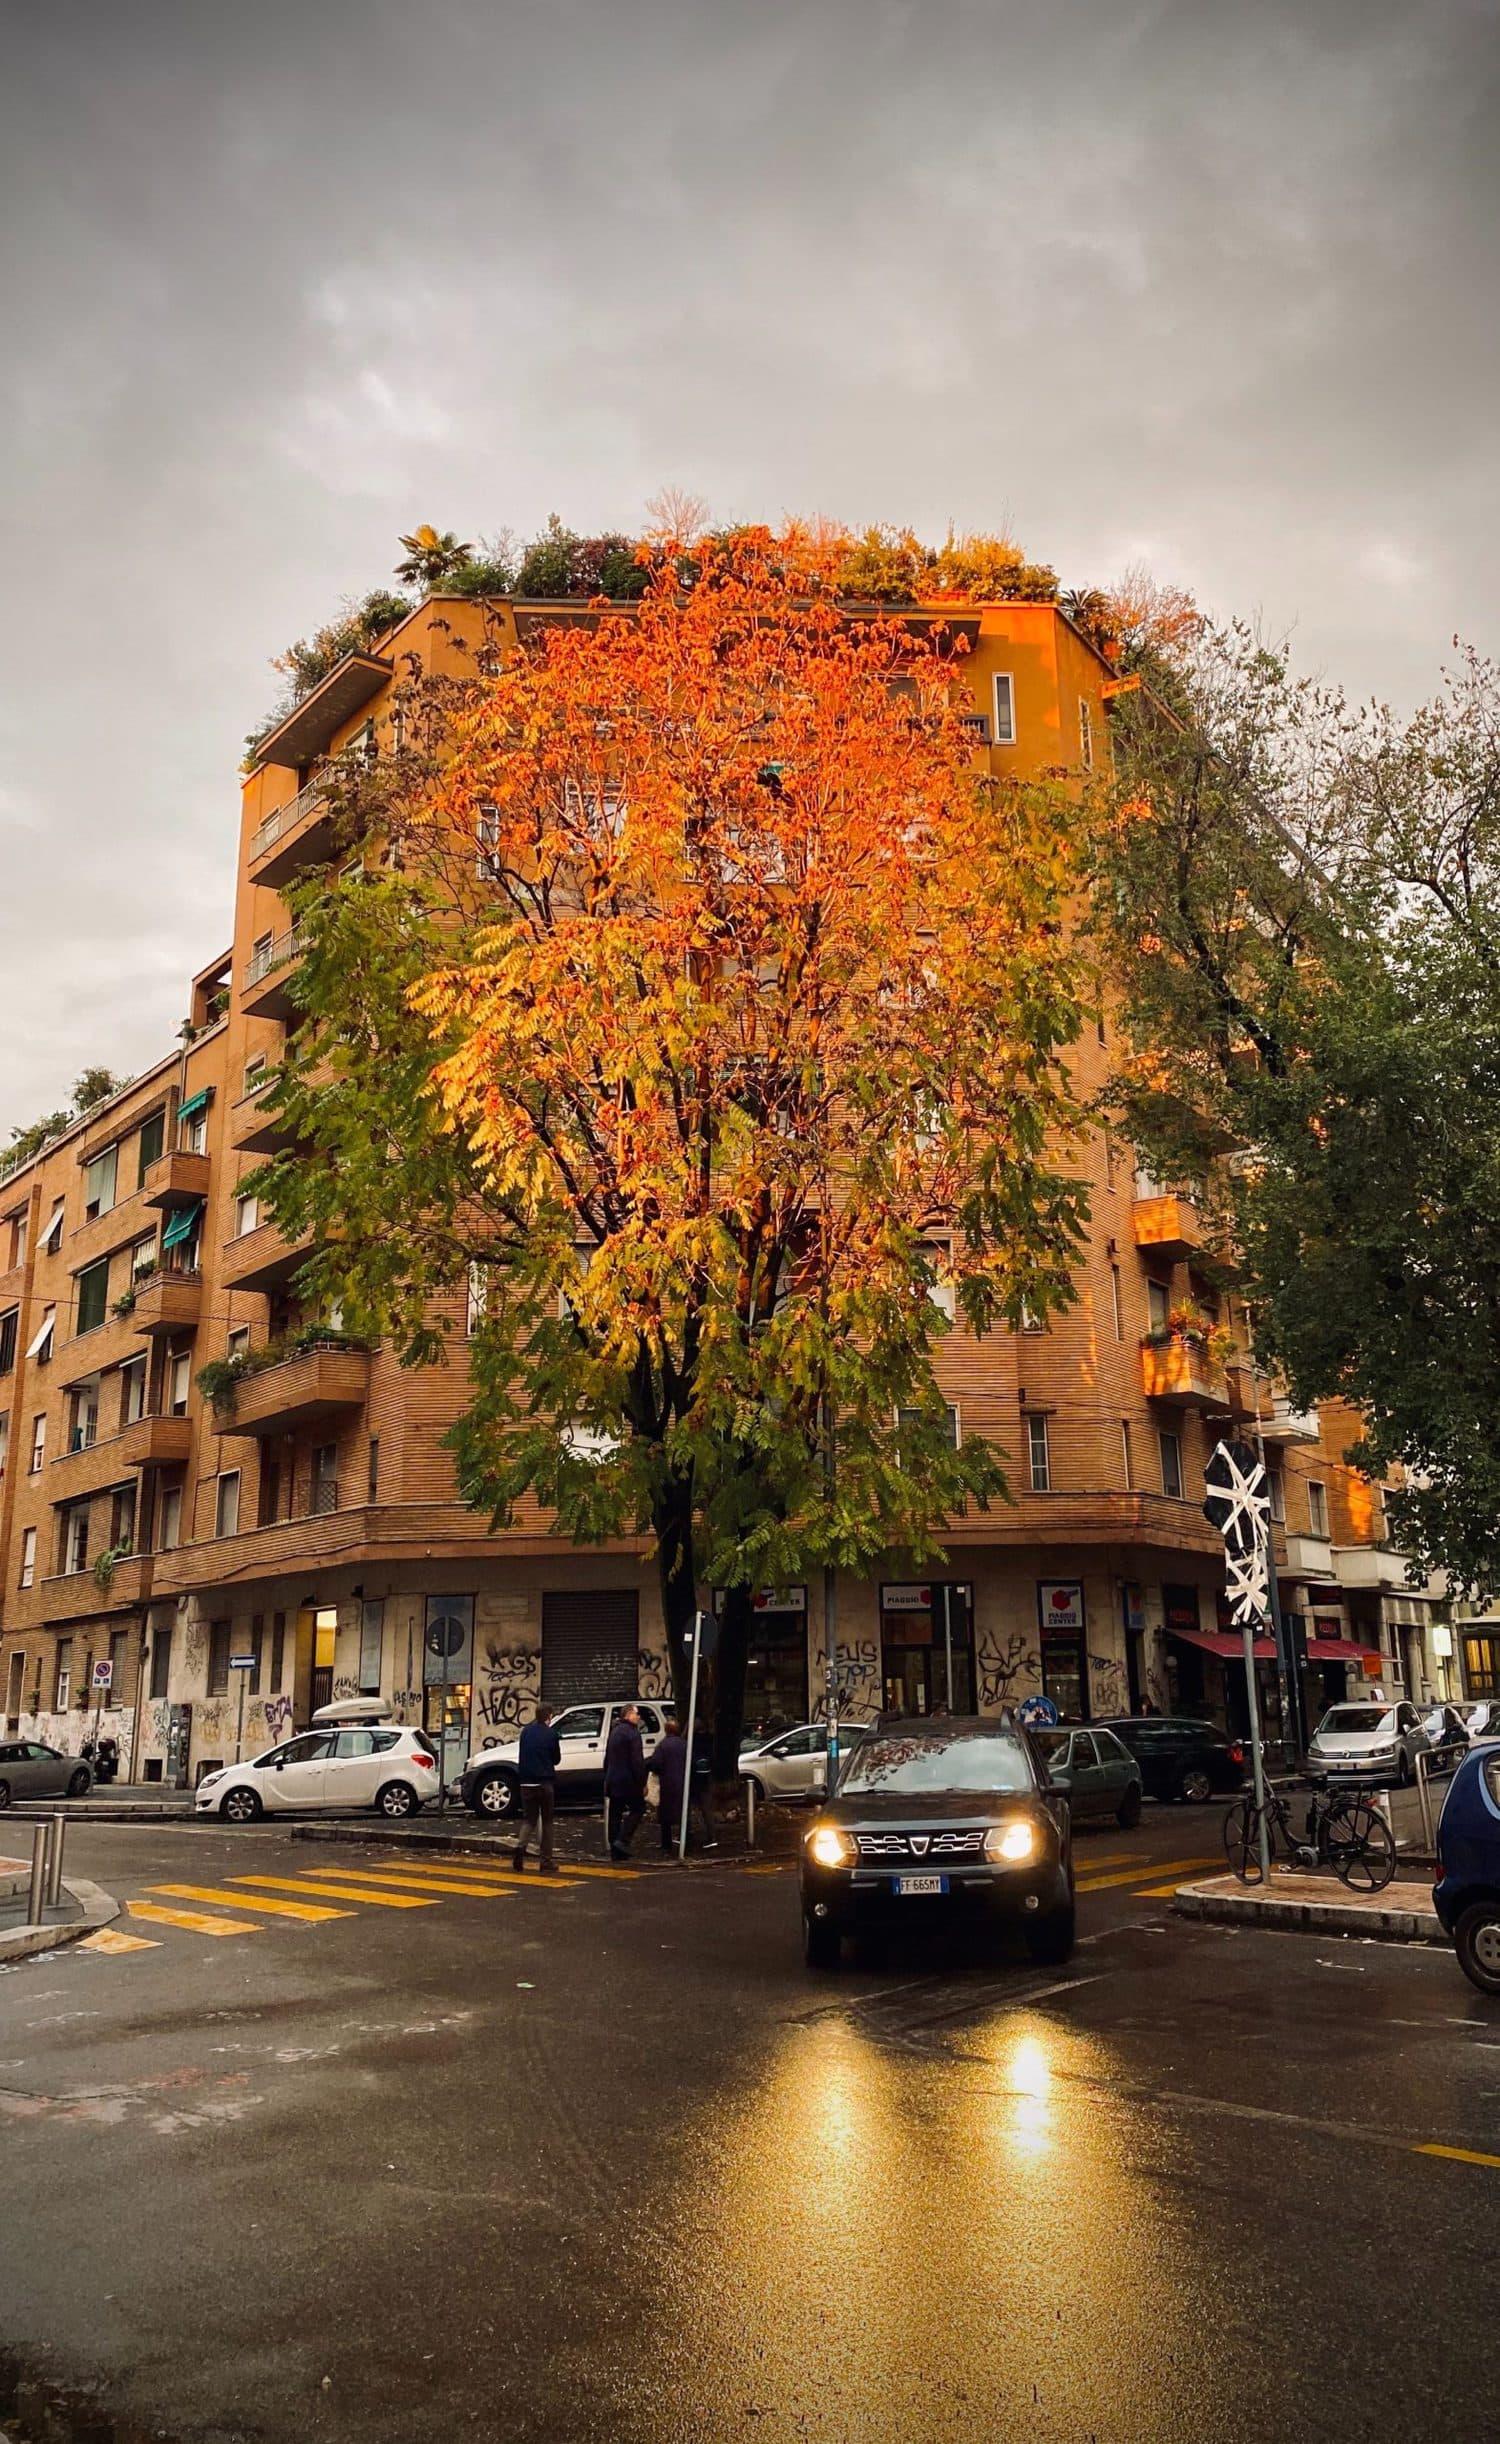 calle con árbol en otoño, tomada con un iPhone11